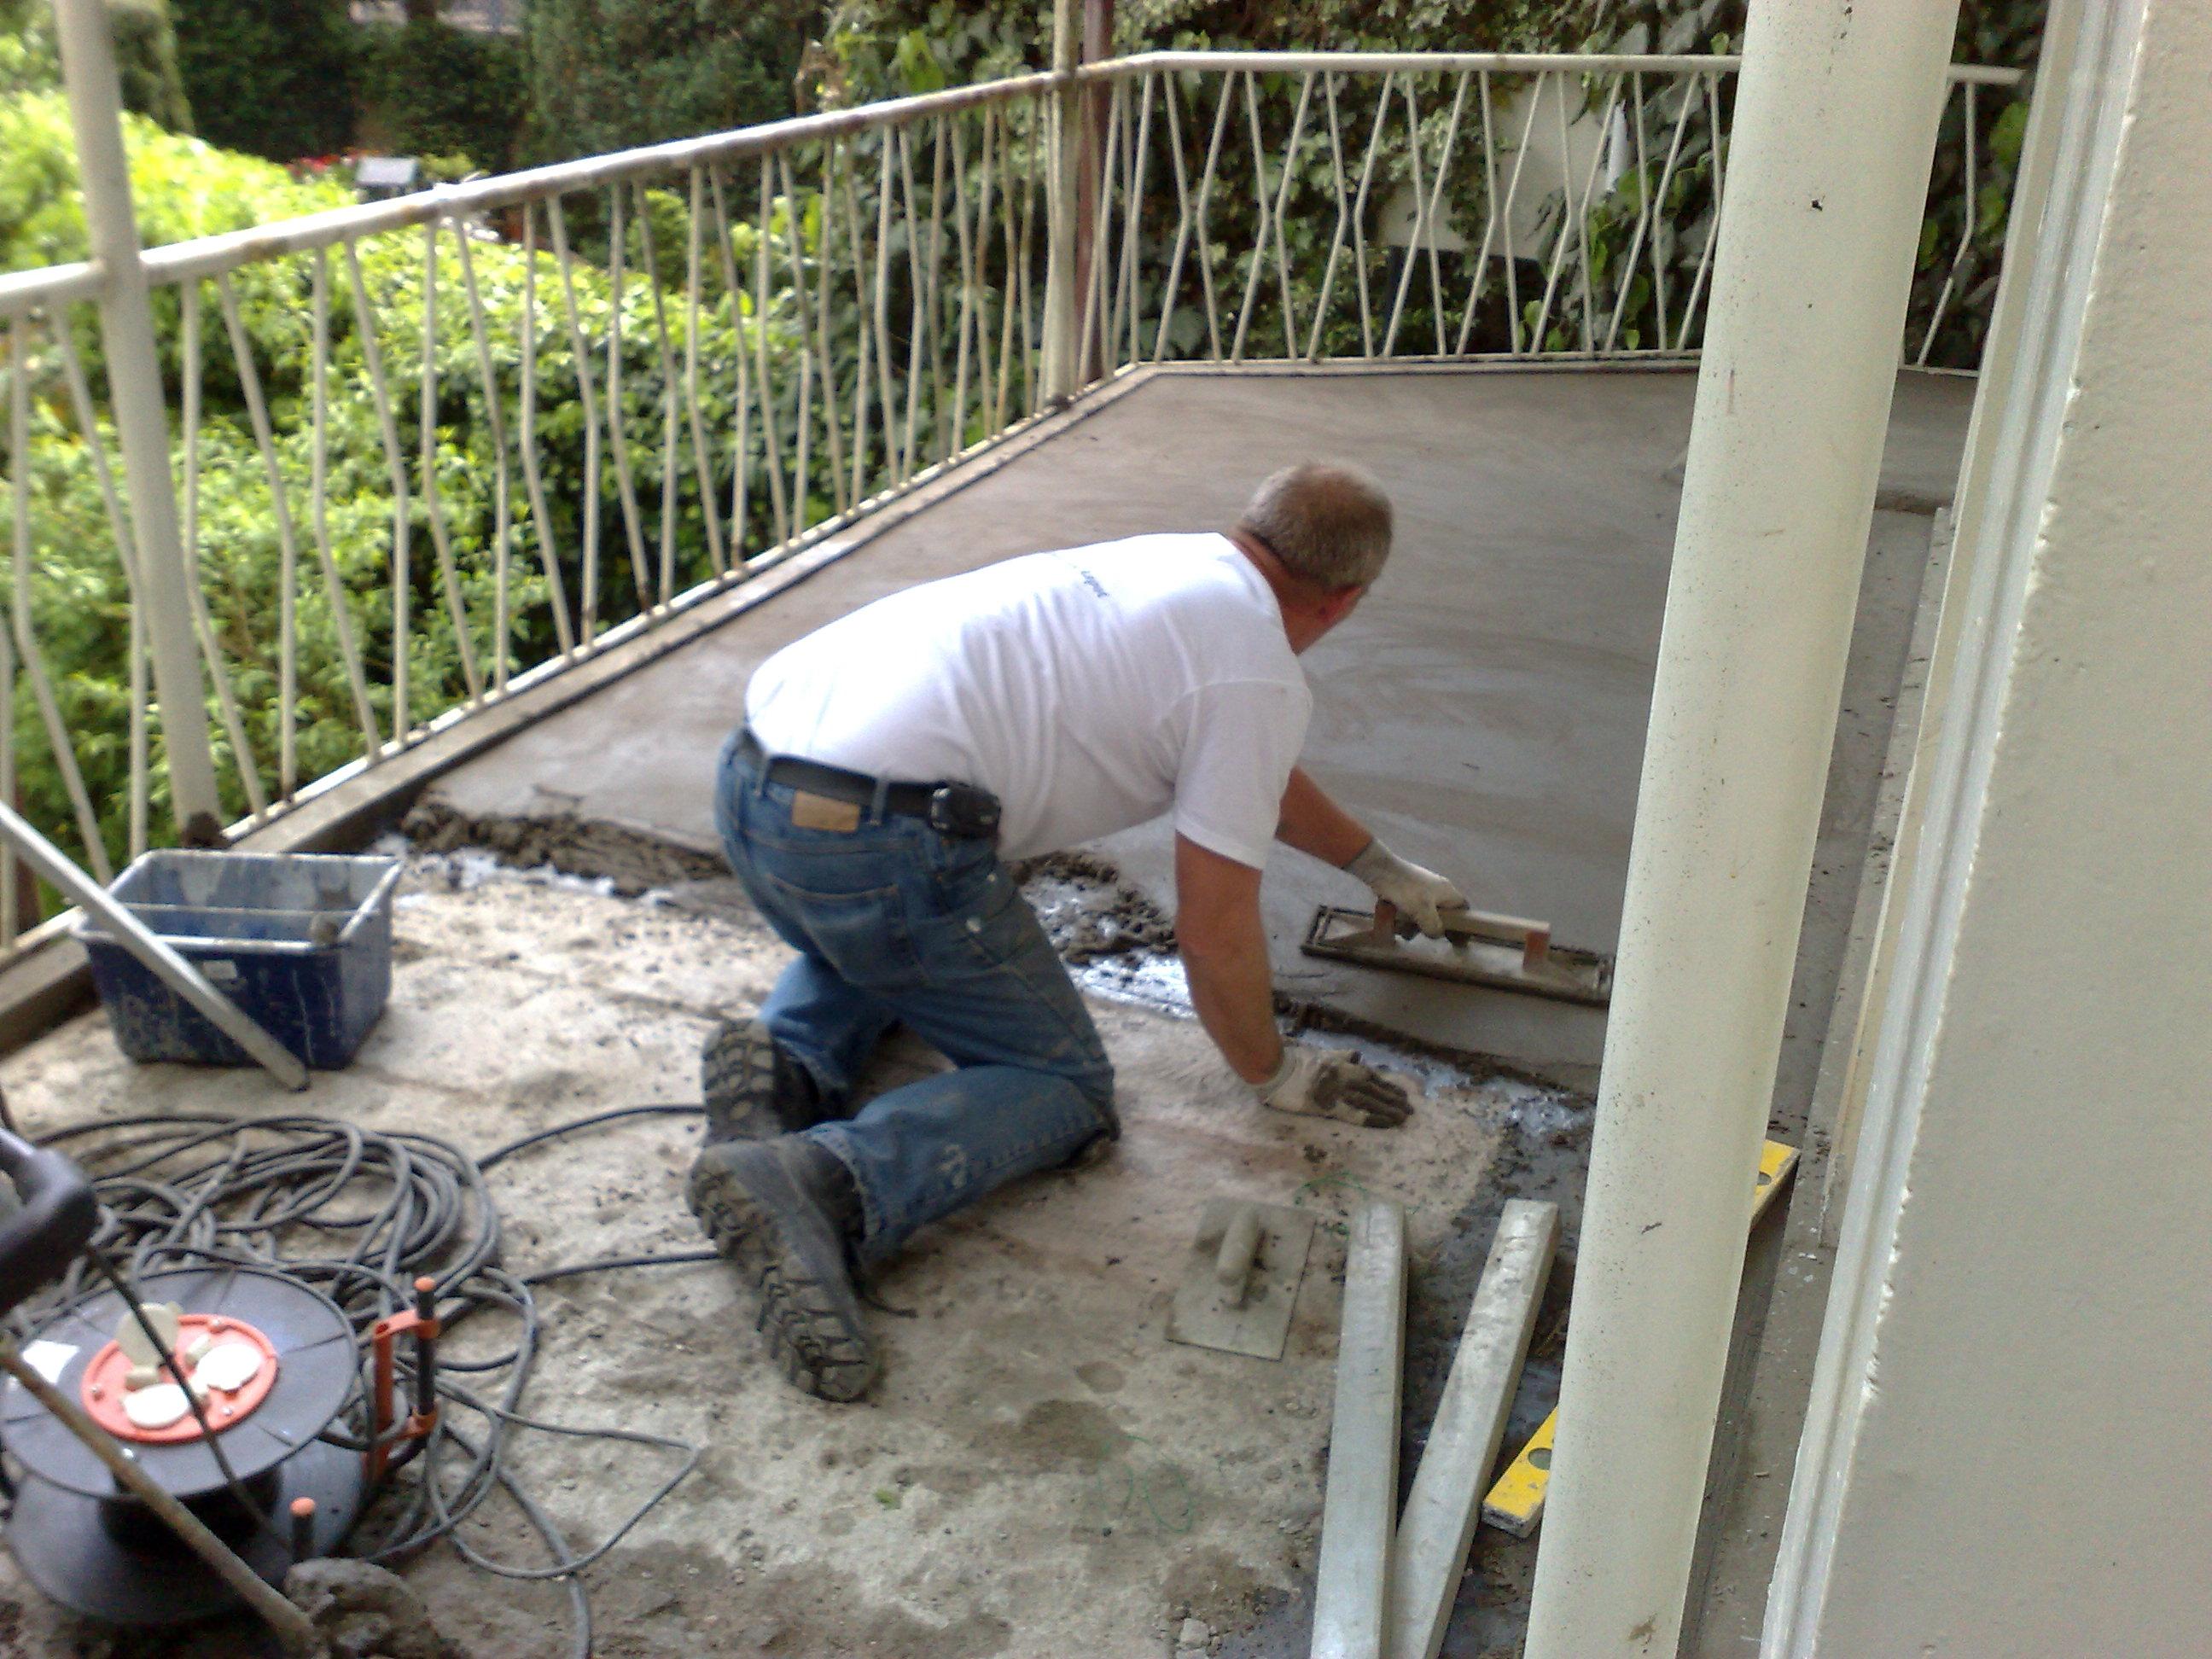 Vloer Voor Balkon : Renovatie balkon vloeren arnhem beton gaat ook kapot